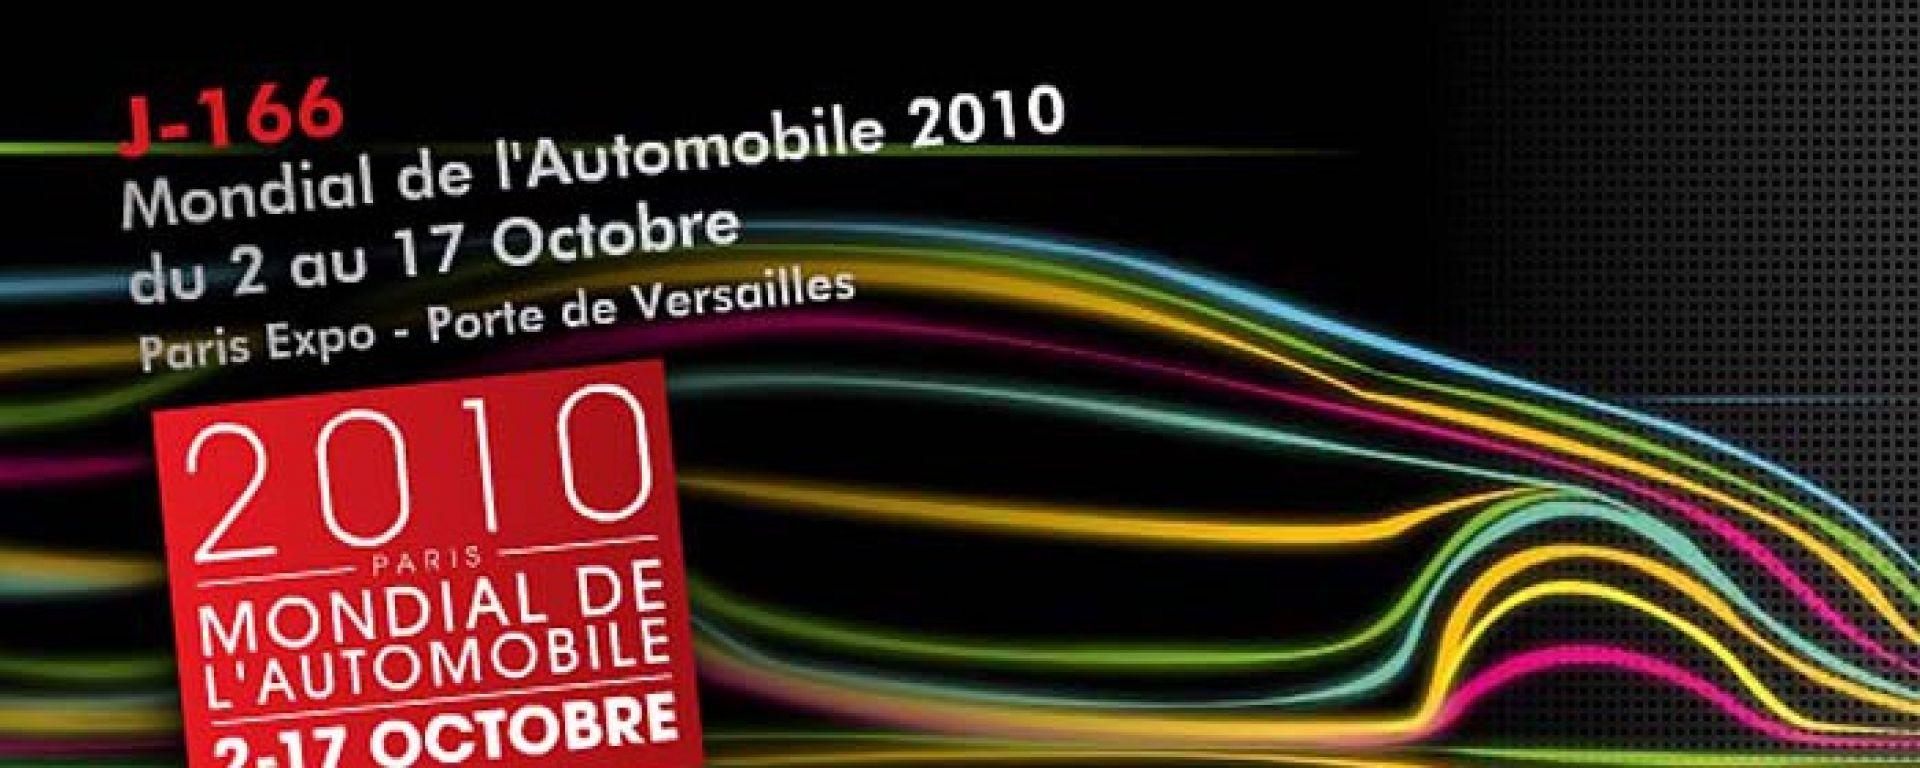 Salone di Parigi 2010, l'elenco aggiornato